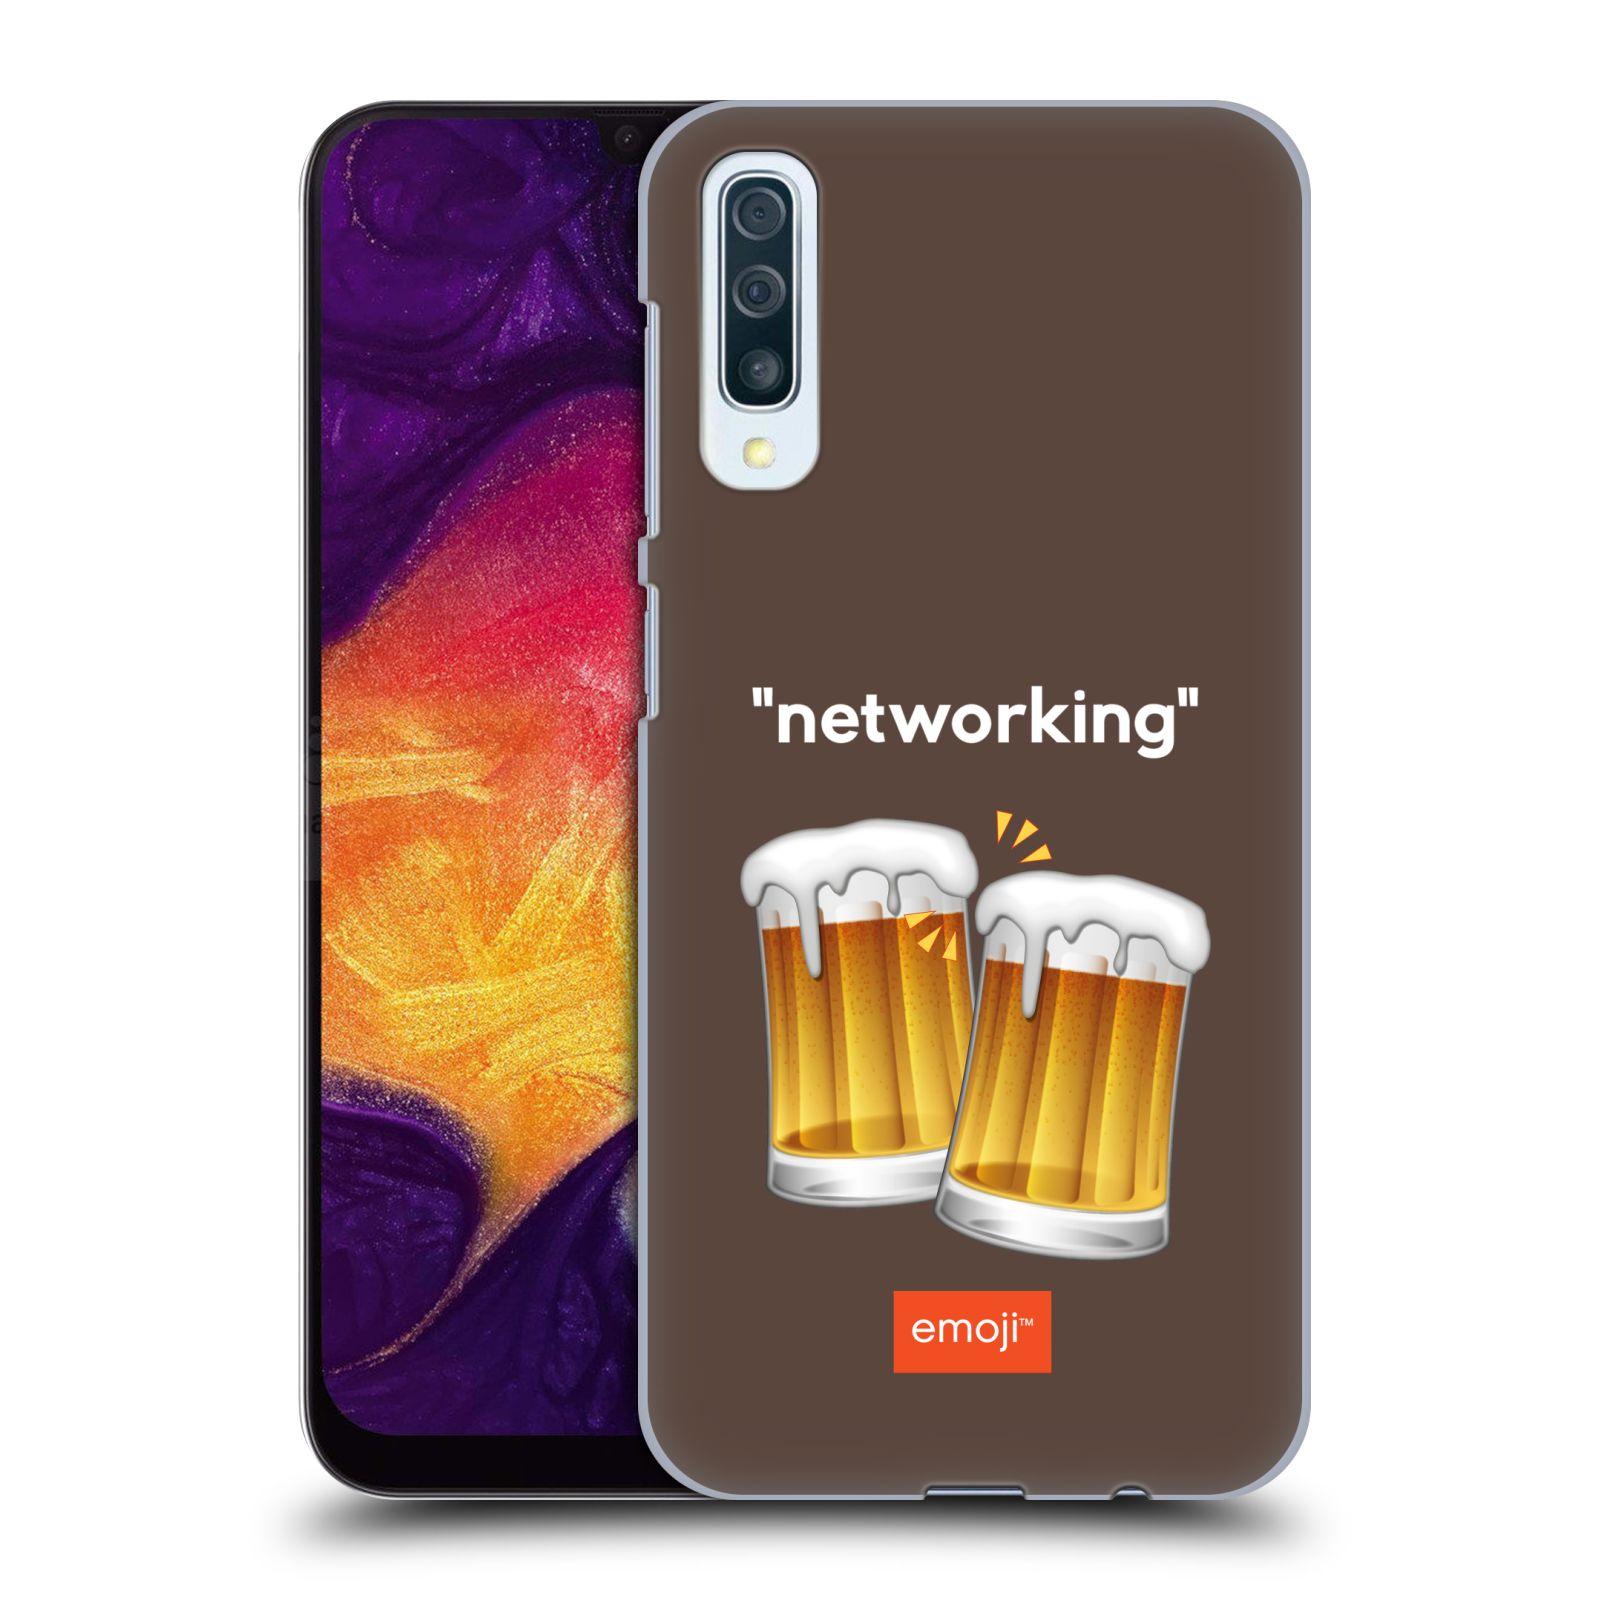 Plastové pouzdro na mobil Samsung Galaxy A50 / A30s - Head Case - EMOJI - Pivní networking